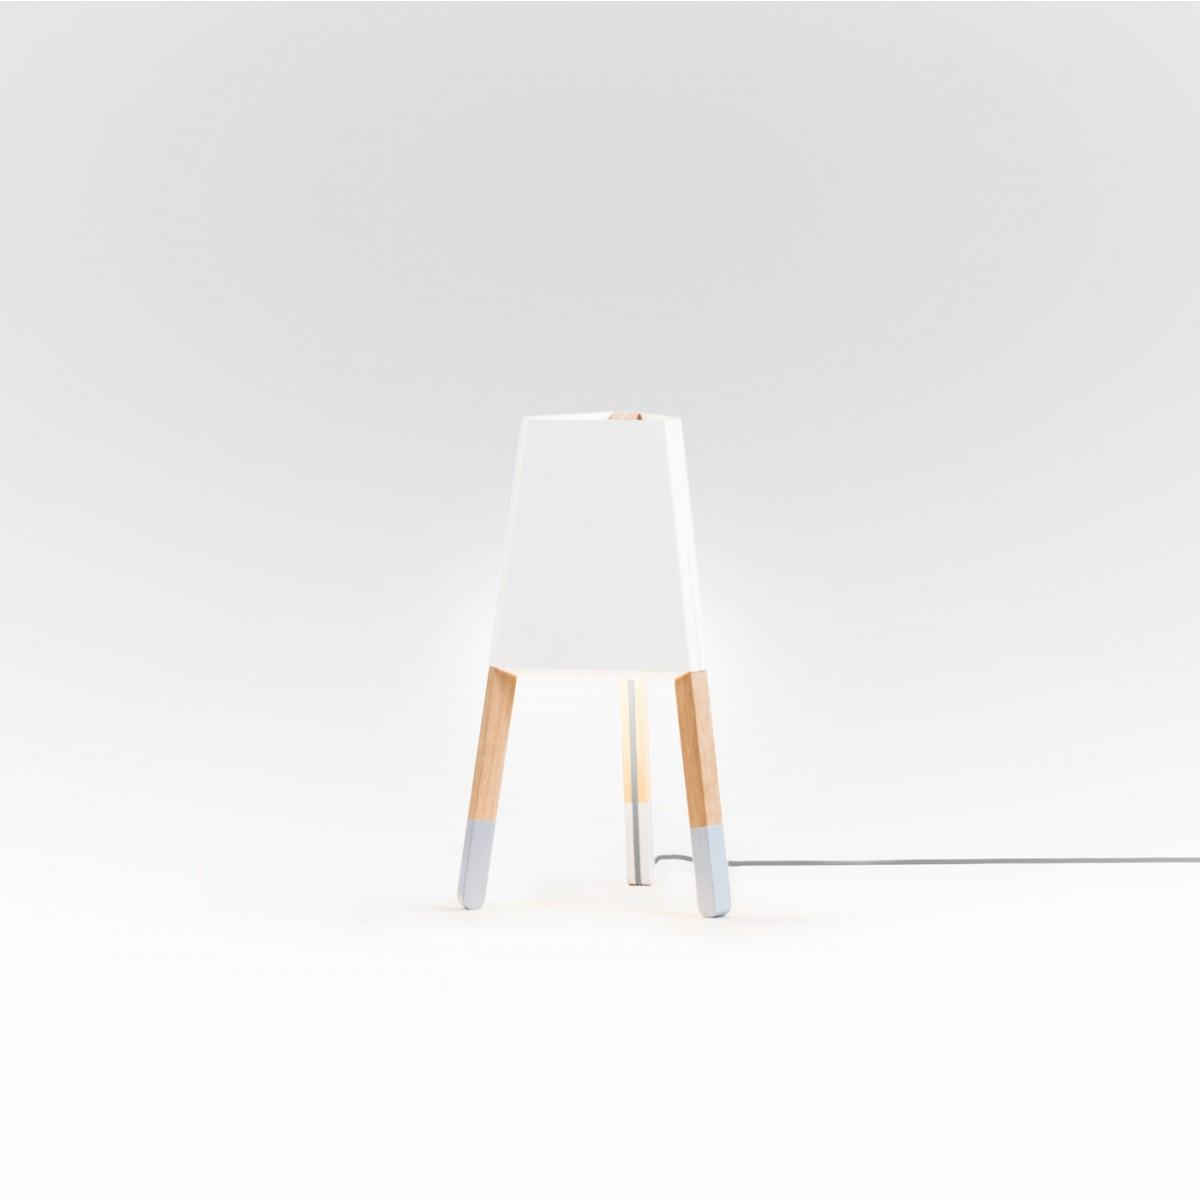 La3b Stehleuchte 50 cm weiß